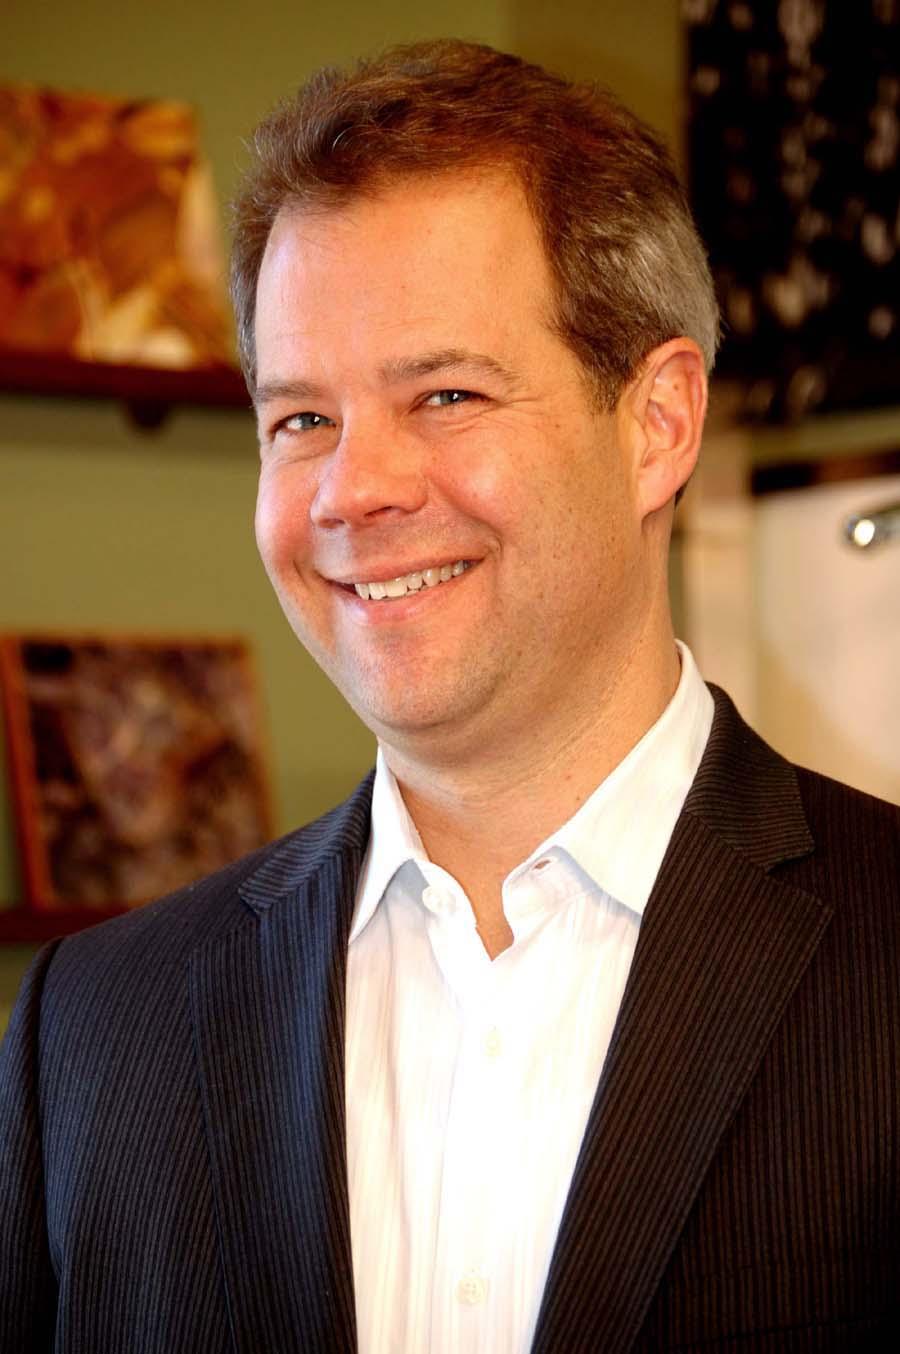 Tim Vander Wall